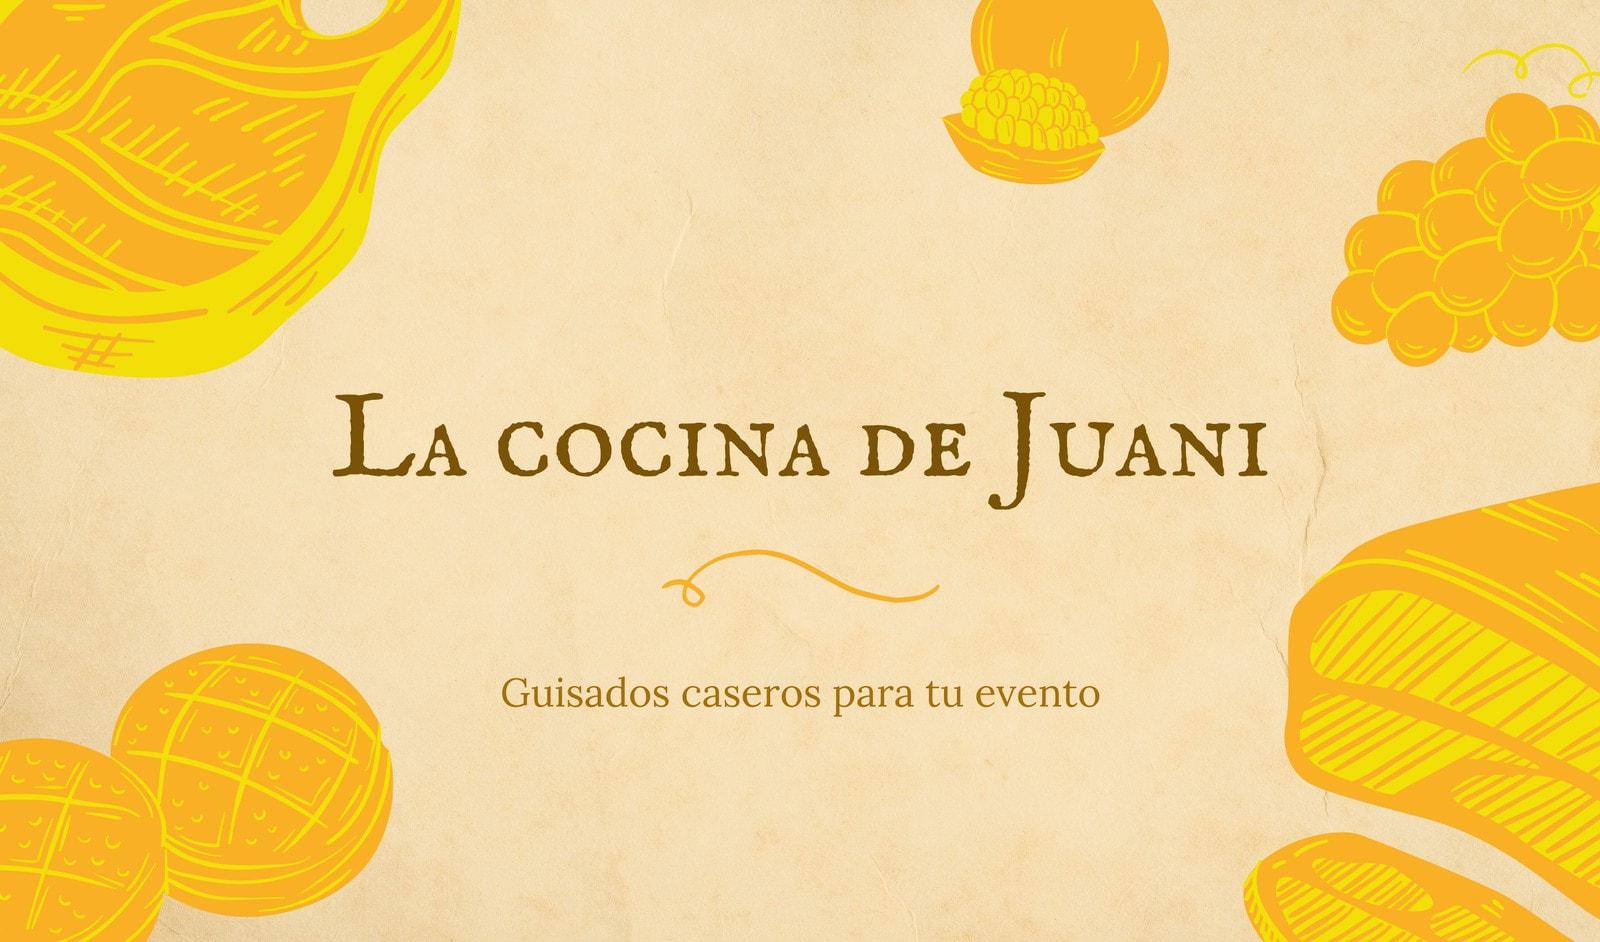 Restaurante casero tradicional mexicano con ilustración de alimentos con fondo naranja Tarjeta de presentación